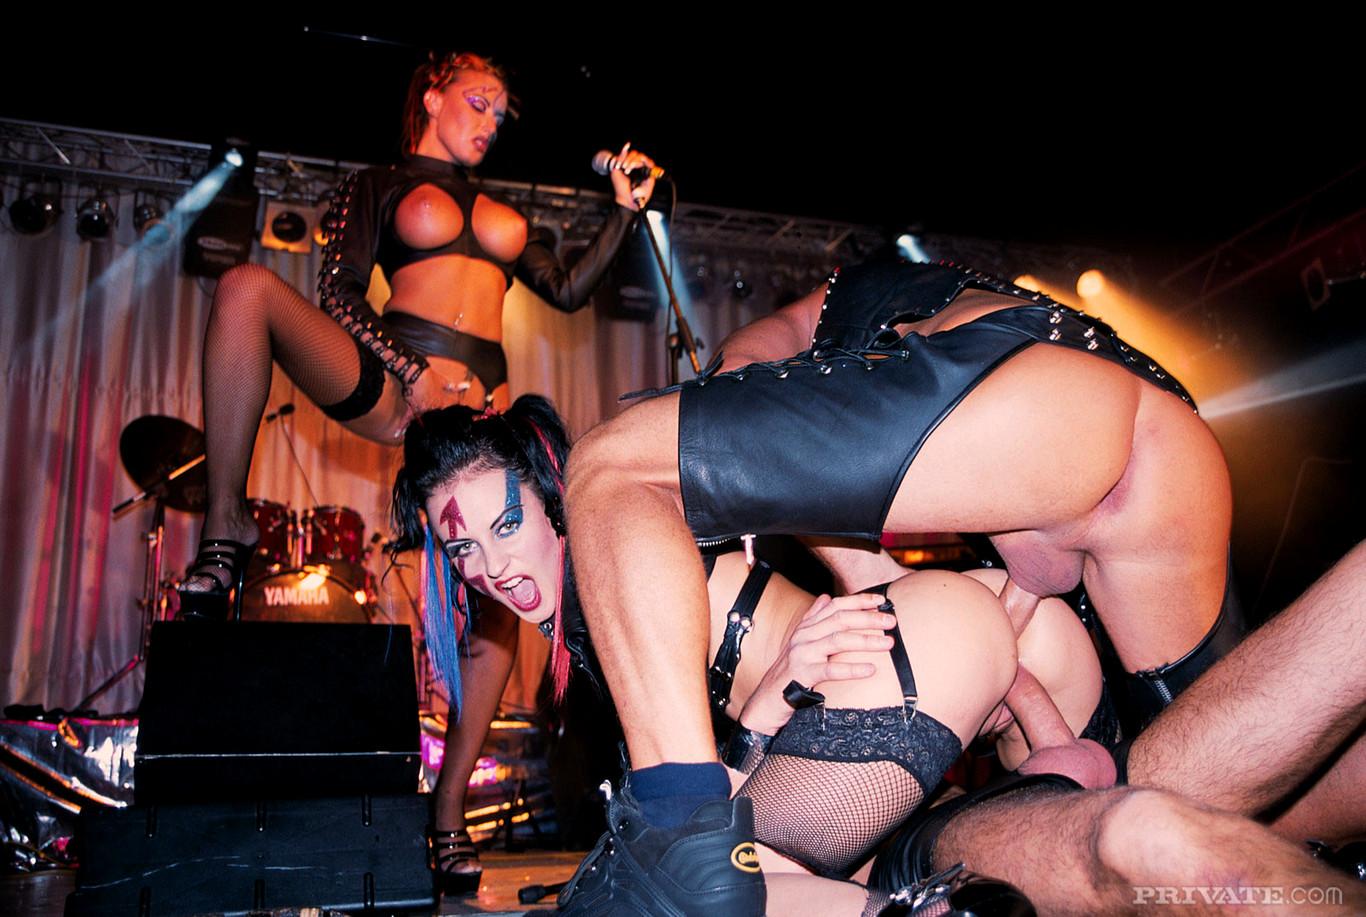 секс на сцене перед публикой жгучей брюнетки в красном обращай внимания